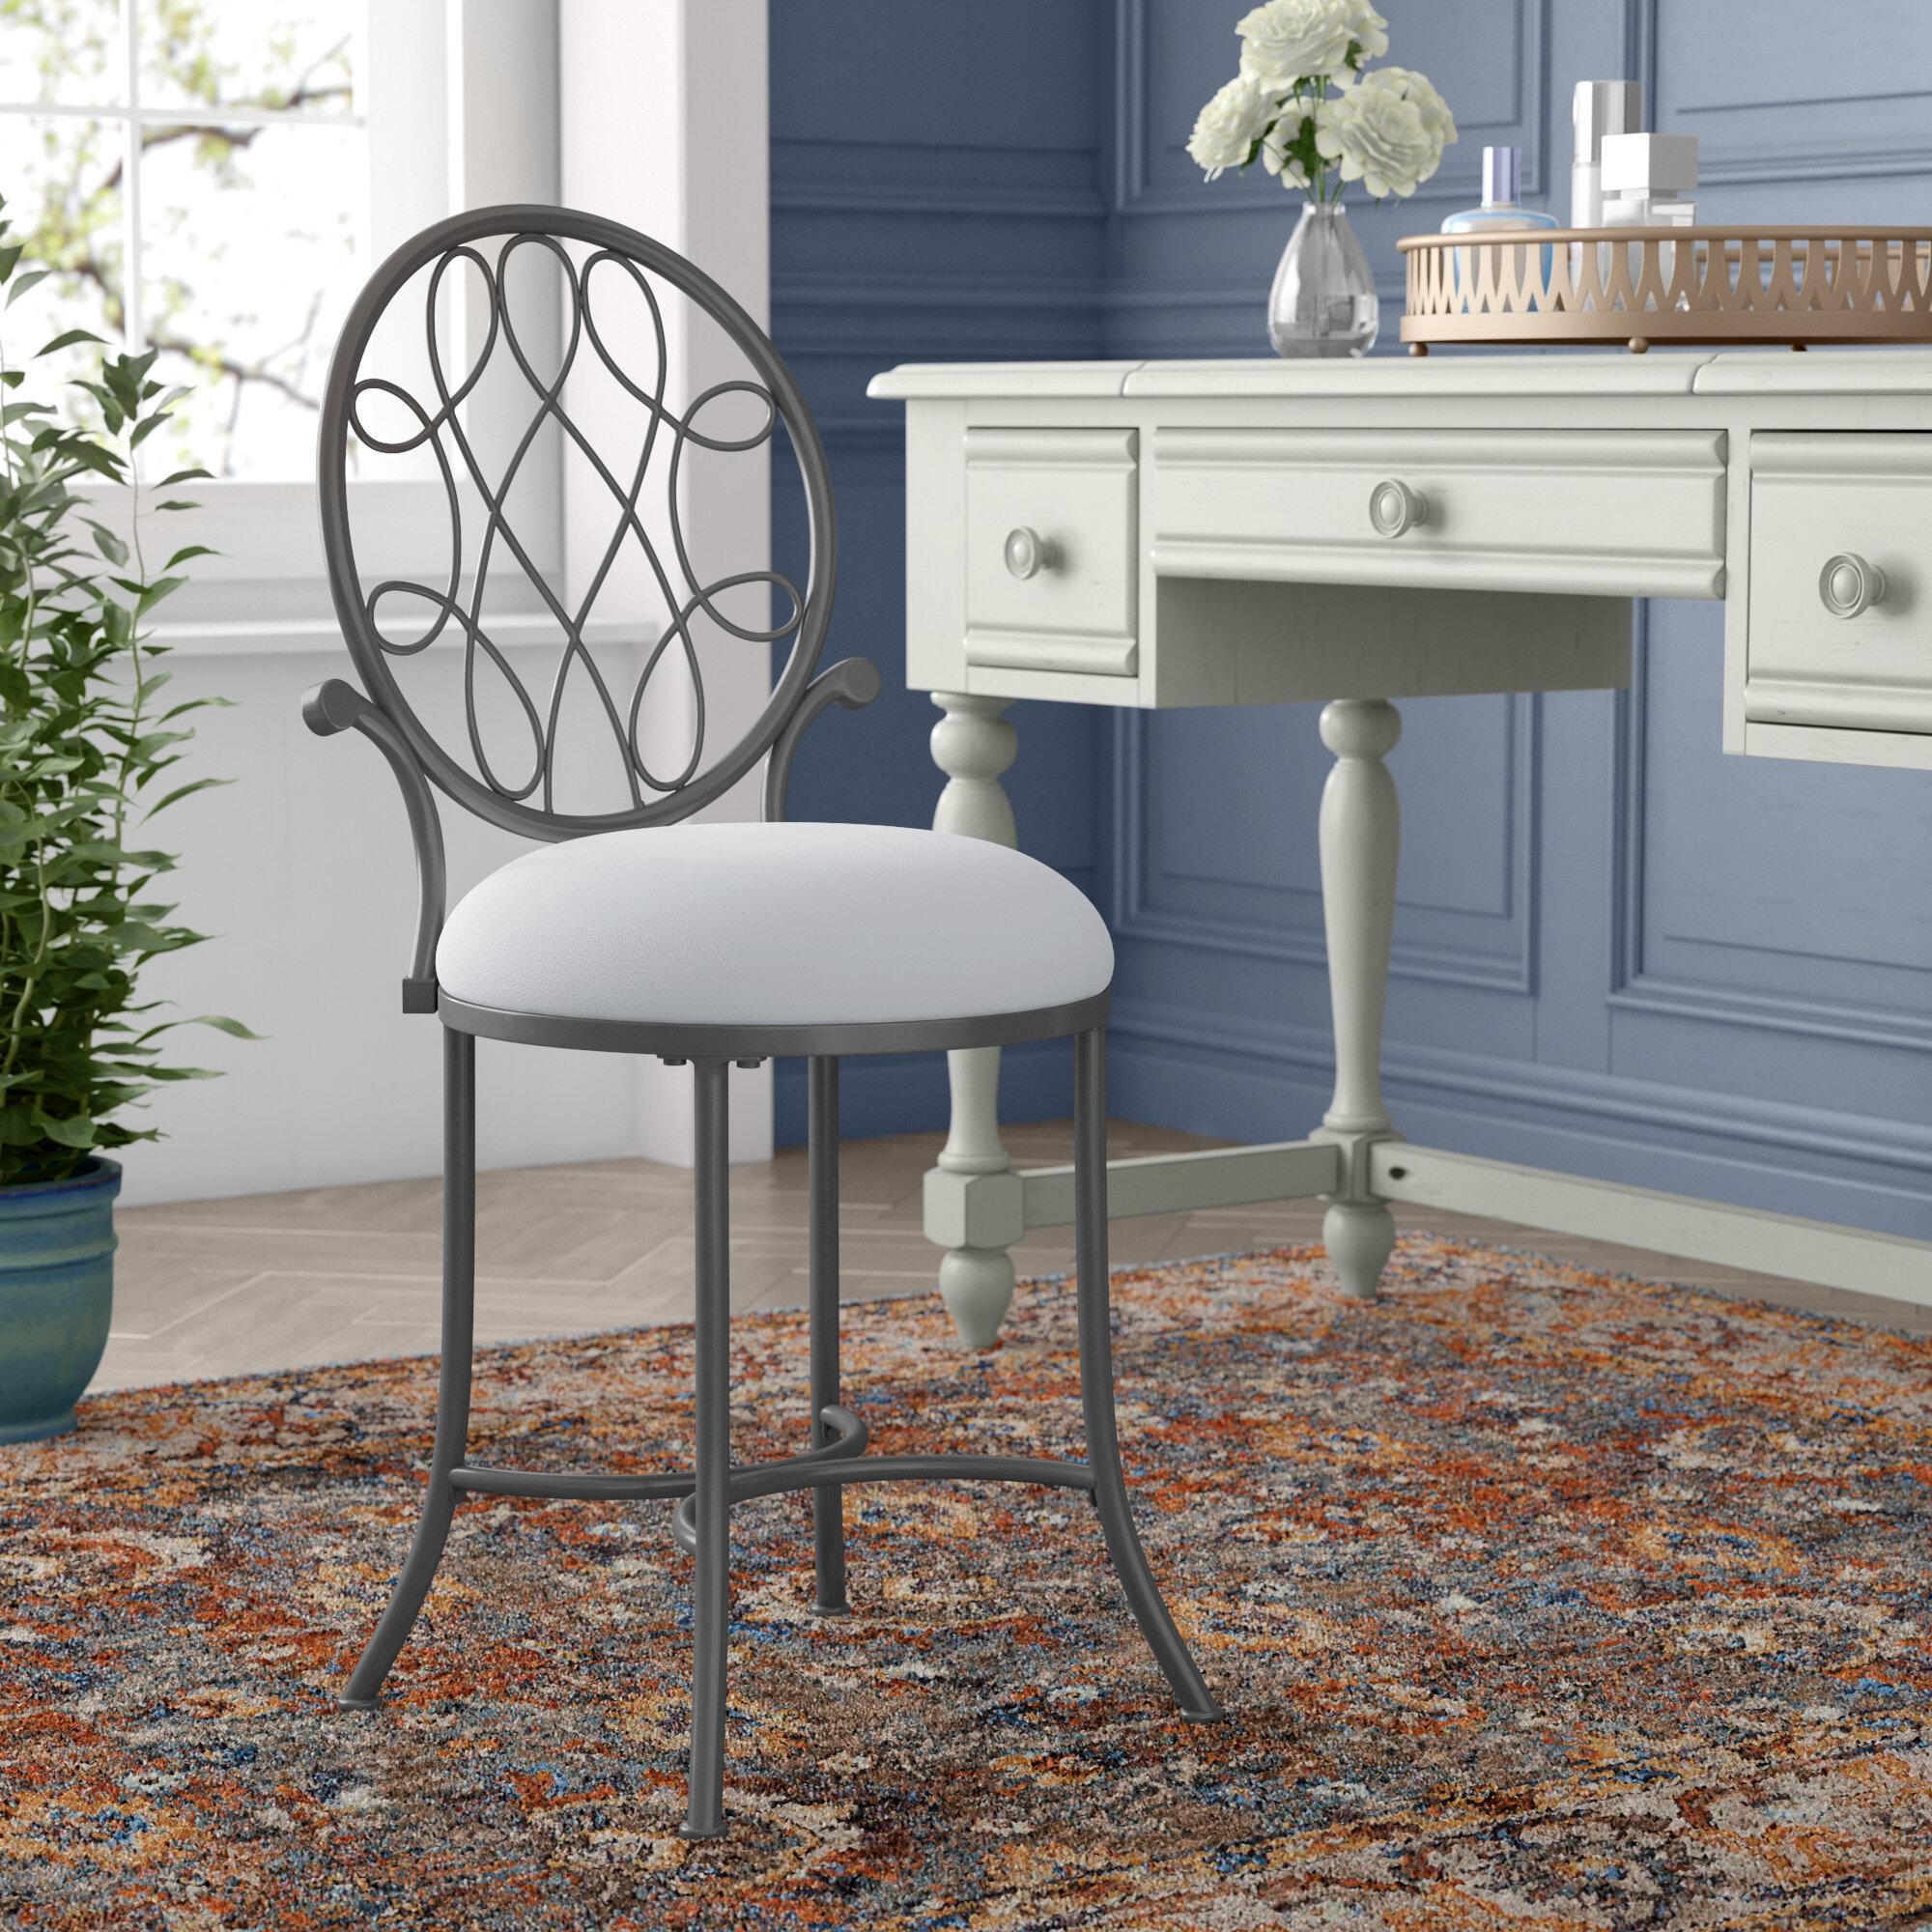 master product stool marsala bathroom cfm stools vanity hayneedle